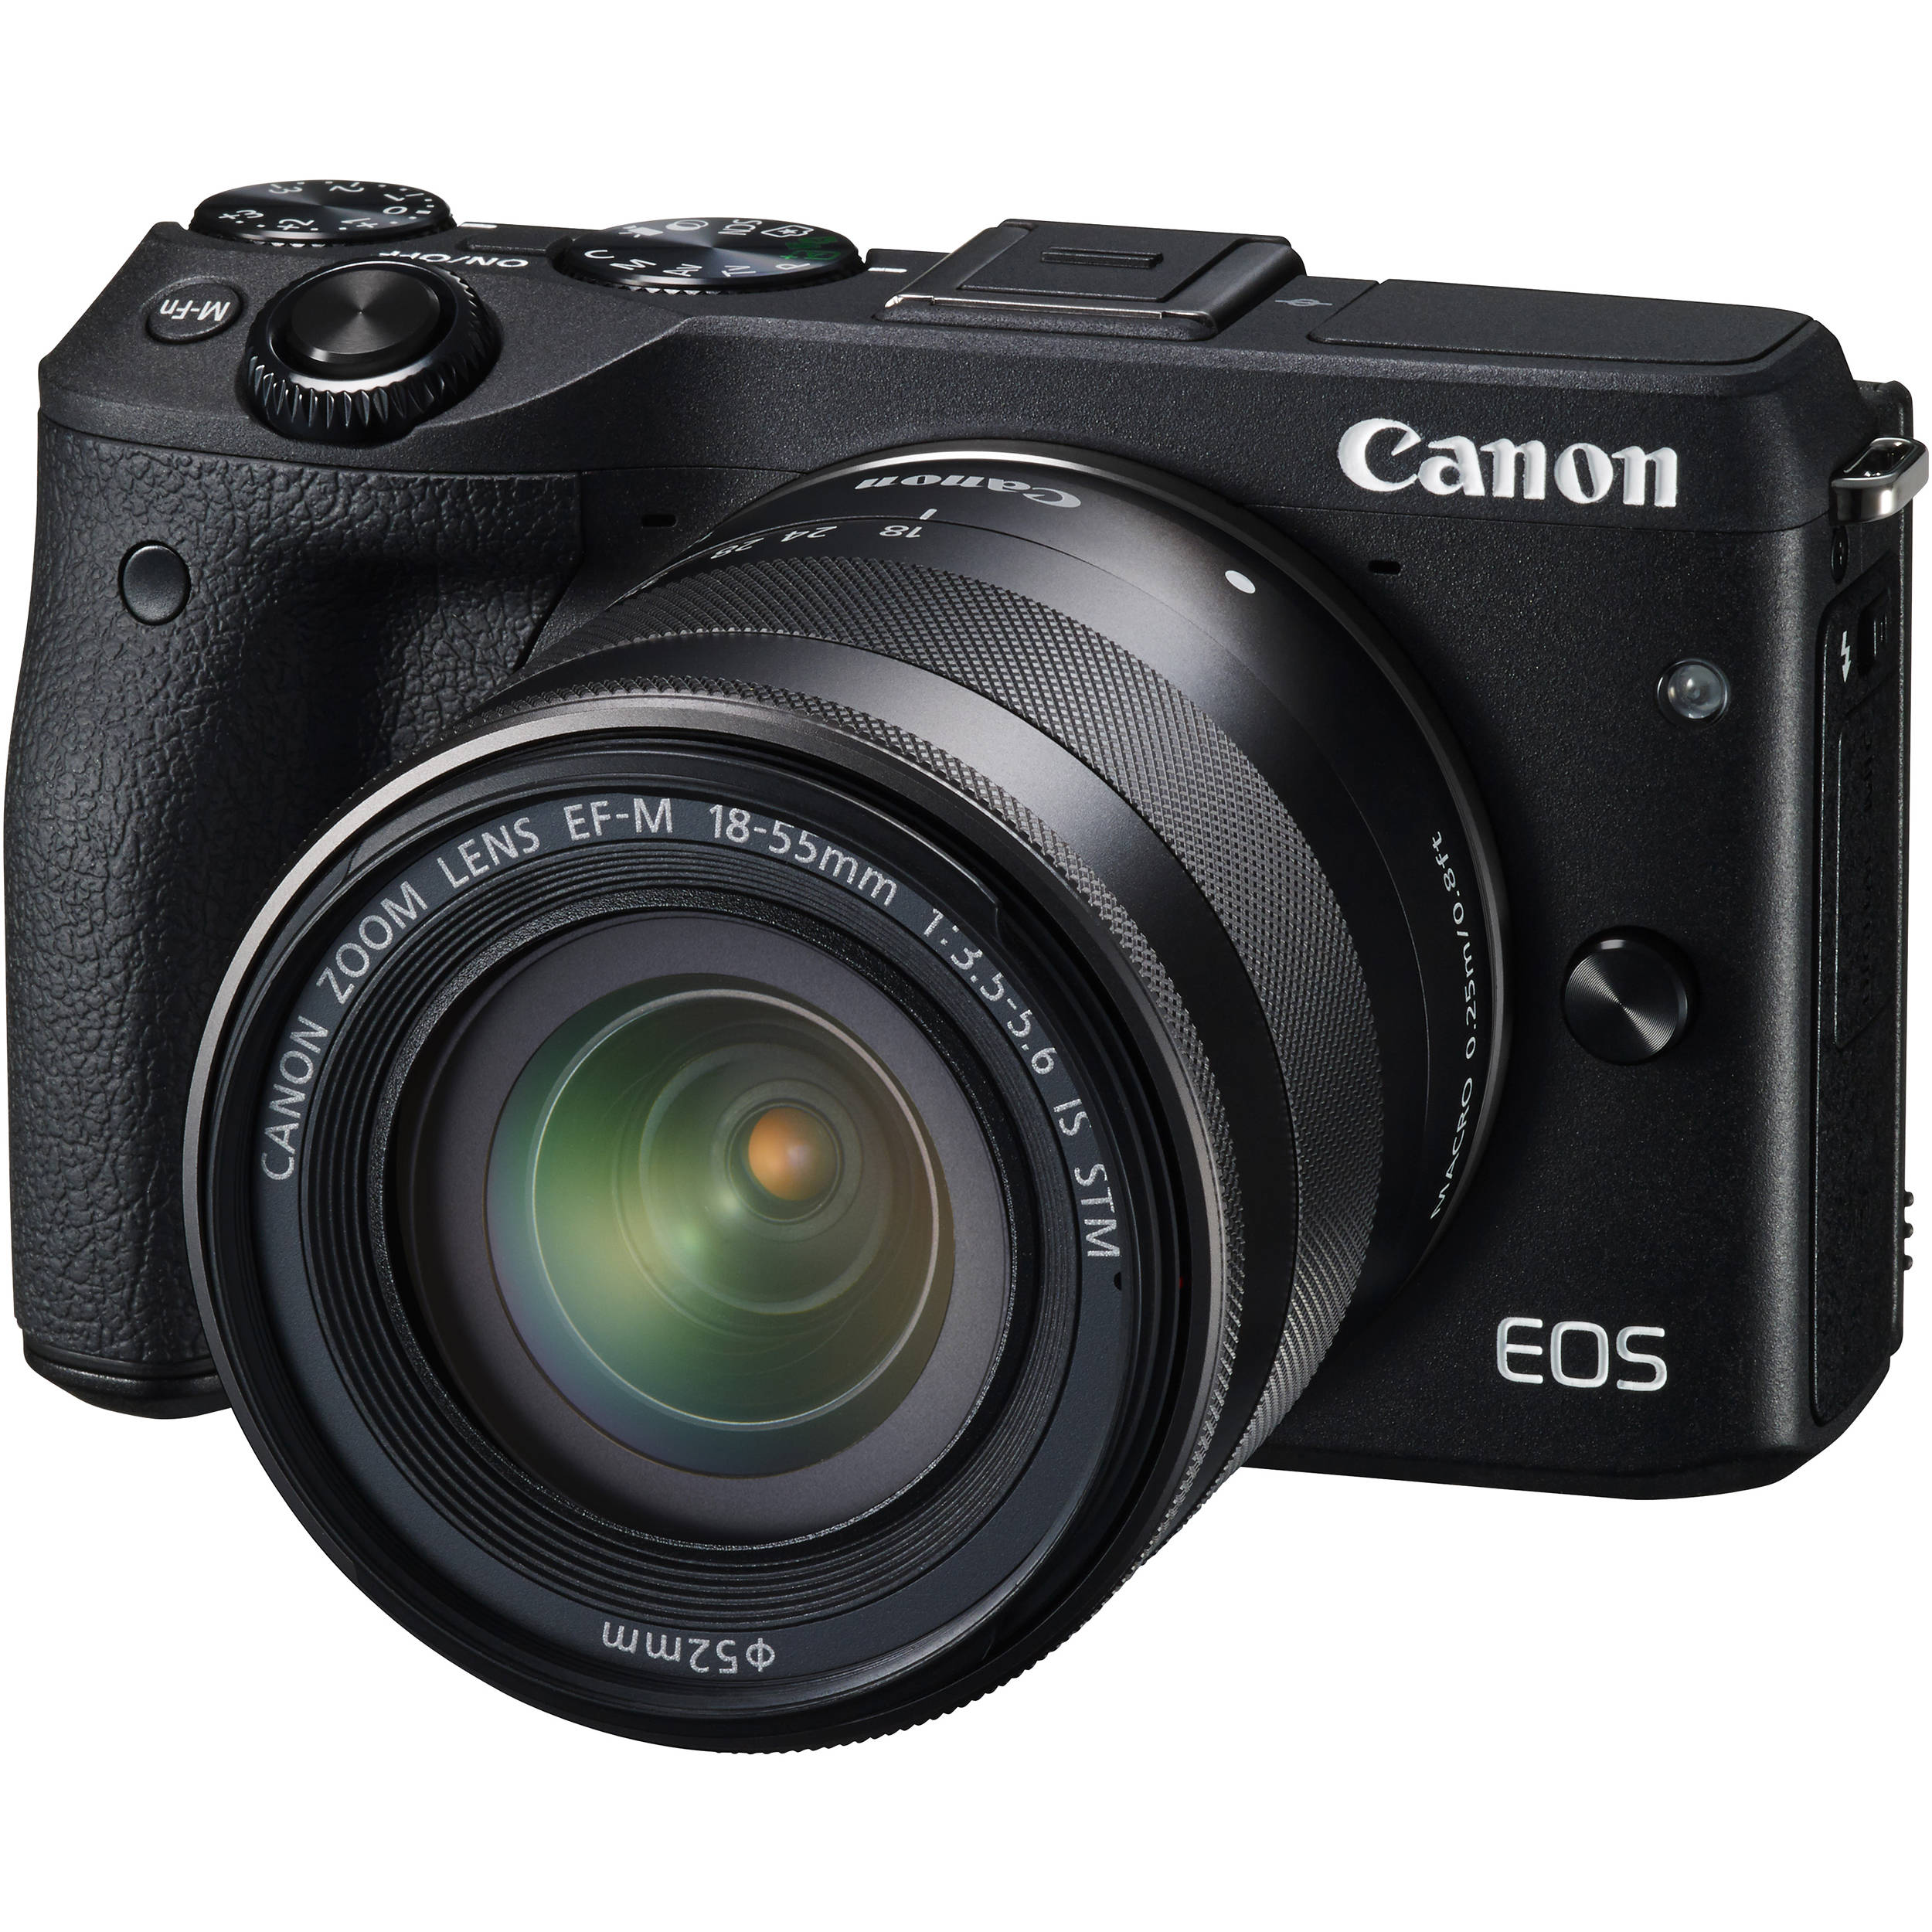 Canon EOS M3 18-55